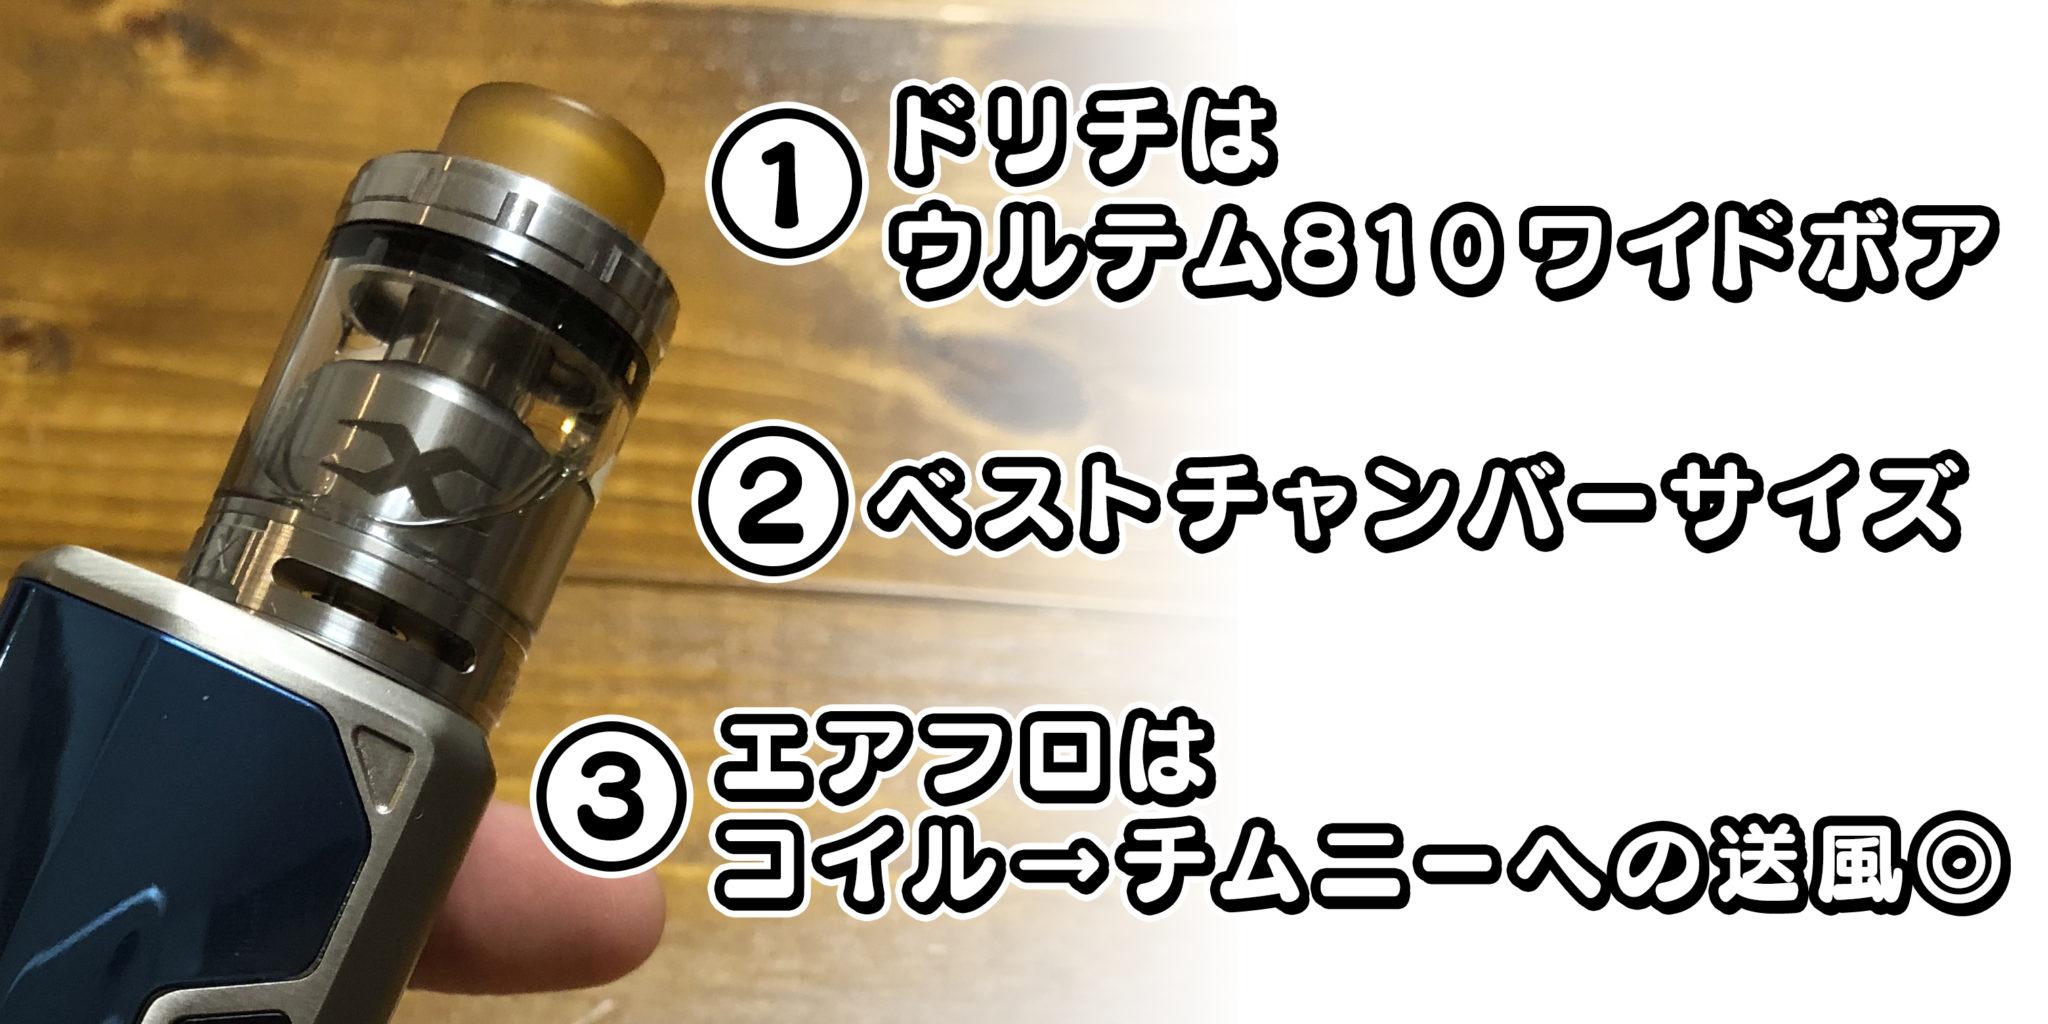 spec3 1 - 【レビュー】ビルド楽すぎでしょ!! EHPRO Bachelor X RTA(バチェラー エックス)はPharaoh Mini越え??